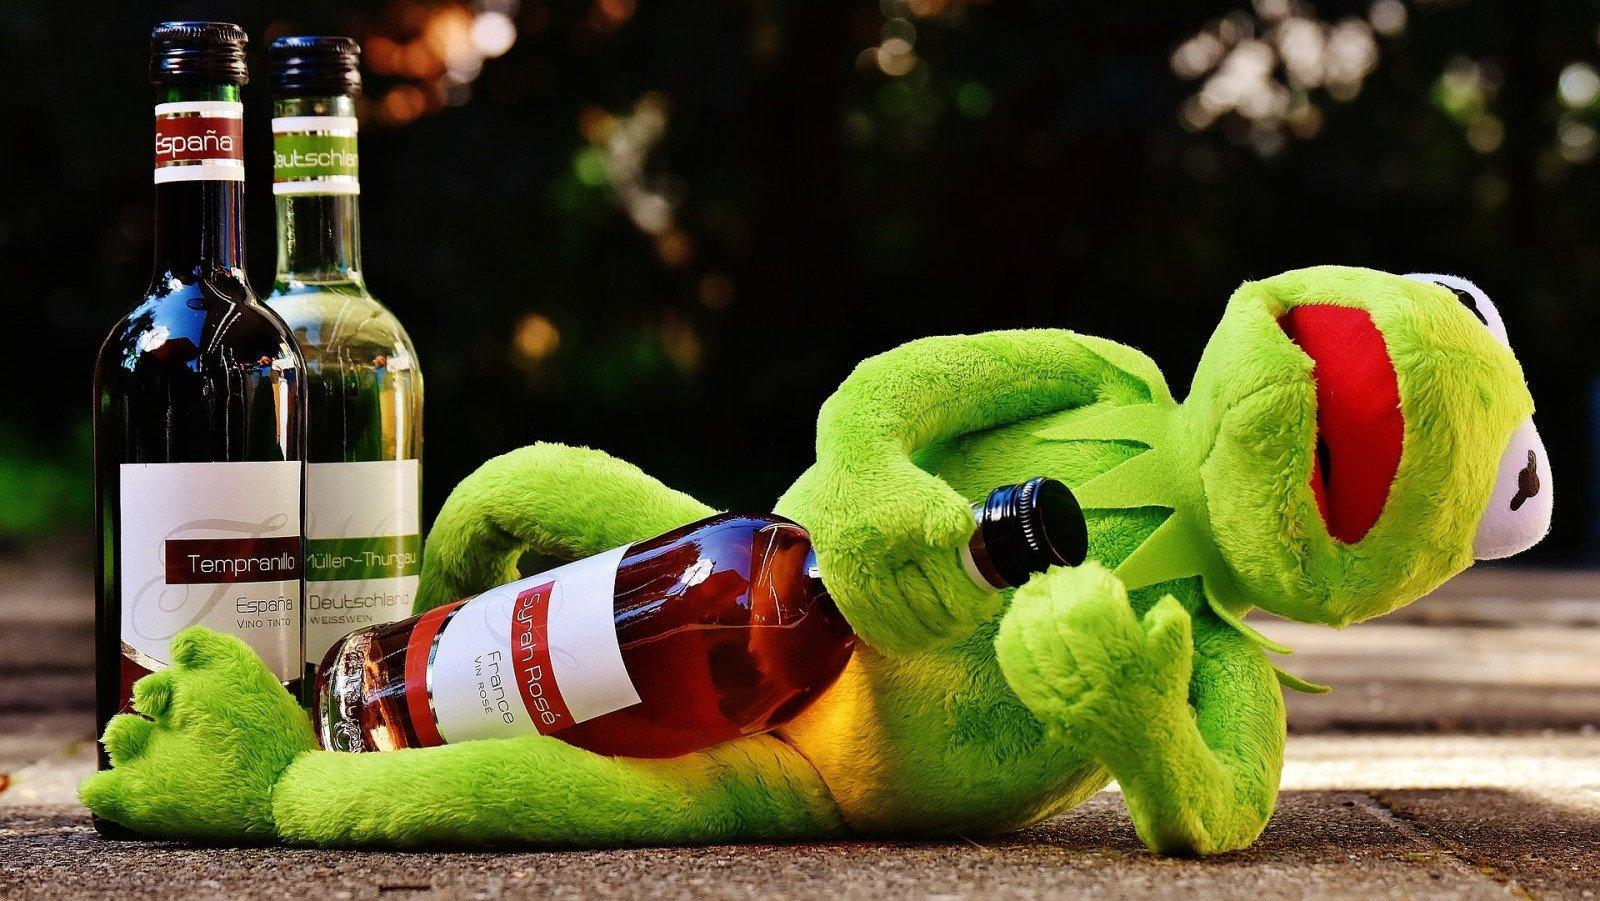 Los amantes del vino están de enhorabuena con estos trucos.